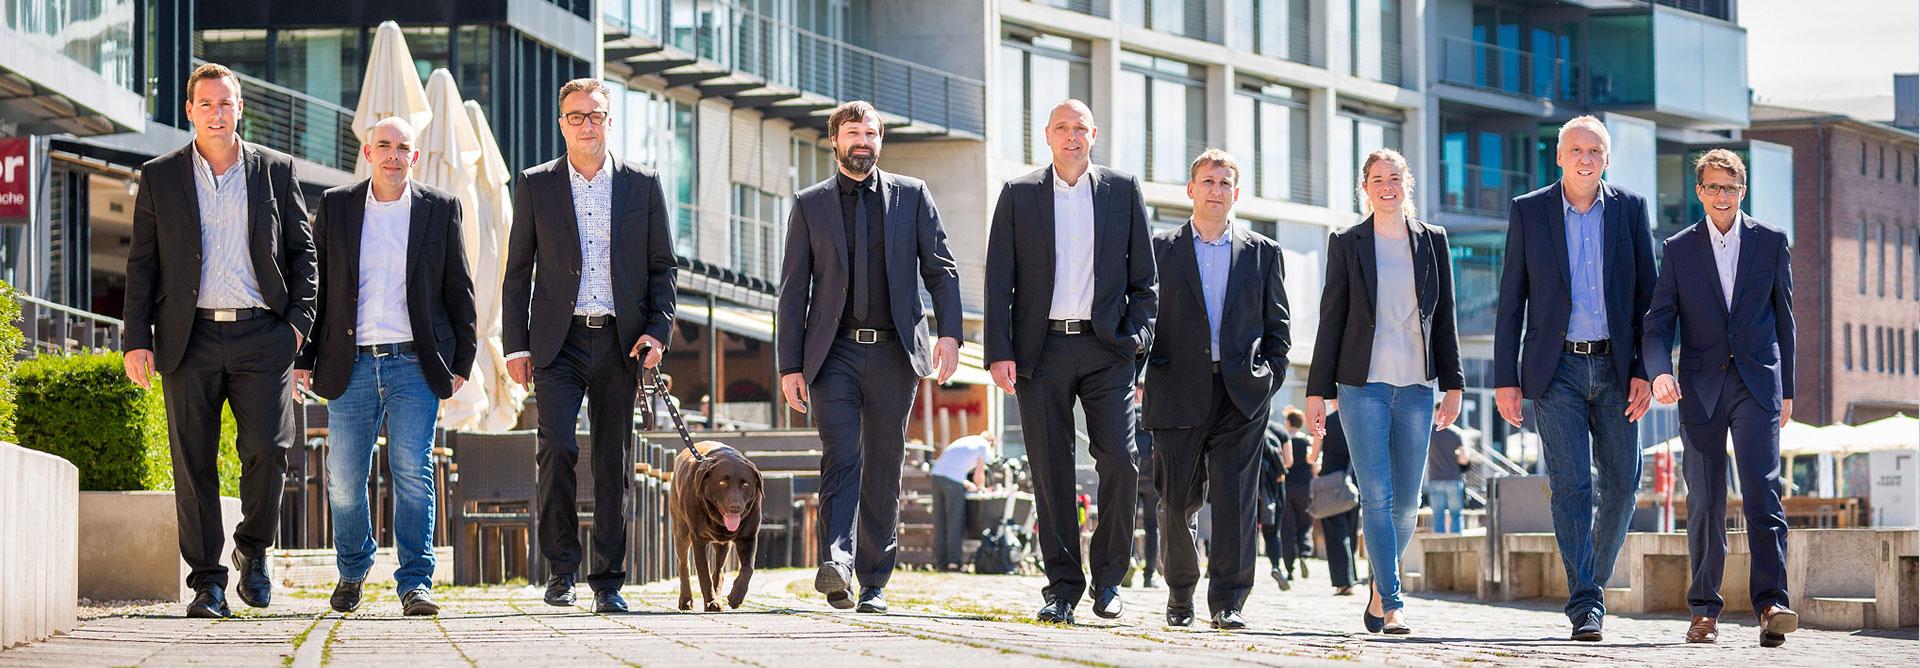 Über Uns - Teamfoto- DT-P Marktforschung